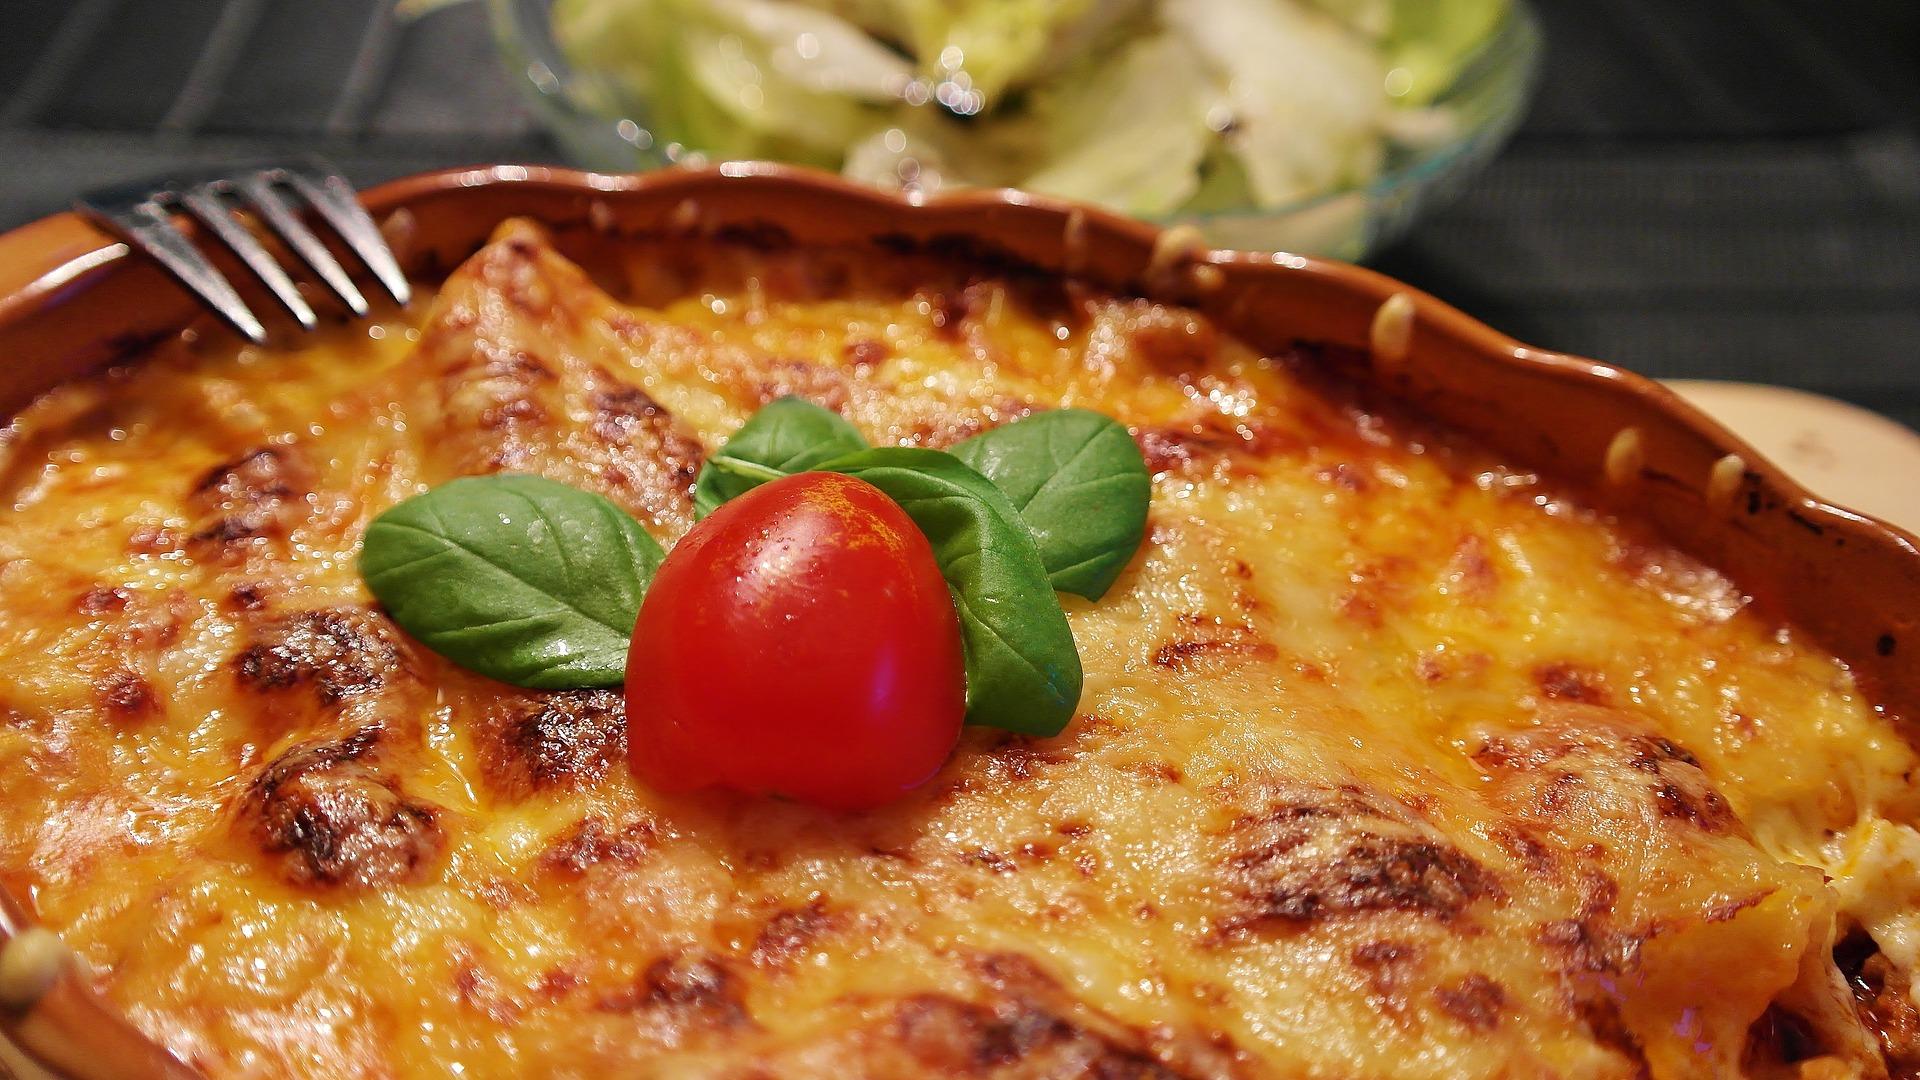 Zo maak je een verrukkelijke vegetarische lasagne